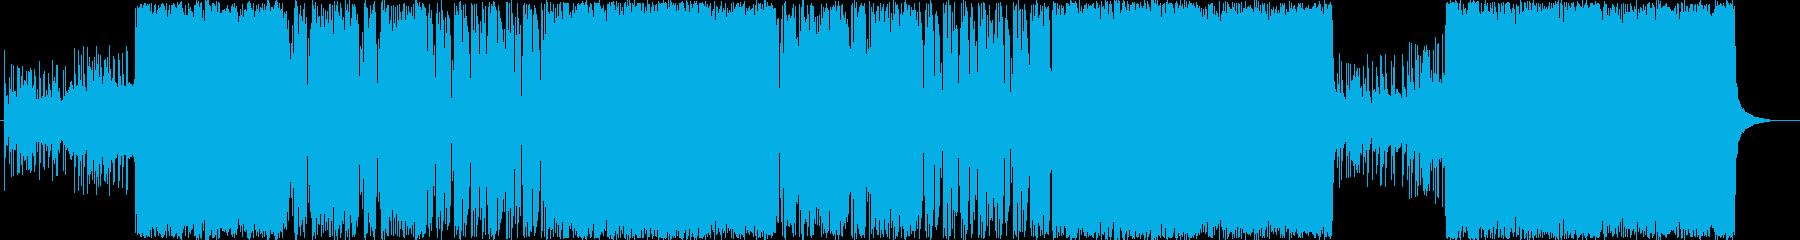 哀愁漂うアナログ和風ロックの再生済みの波形